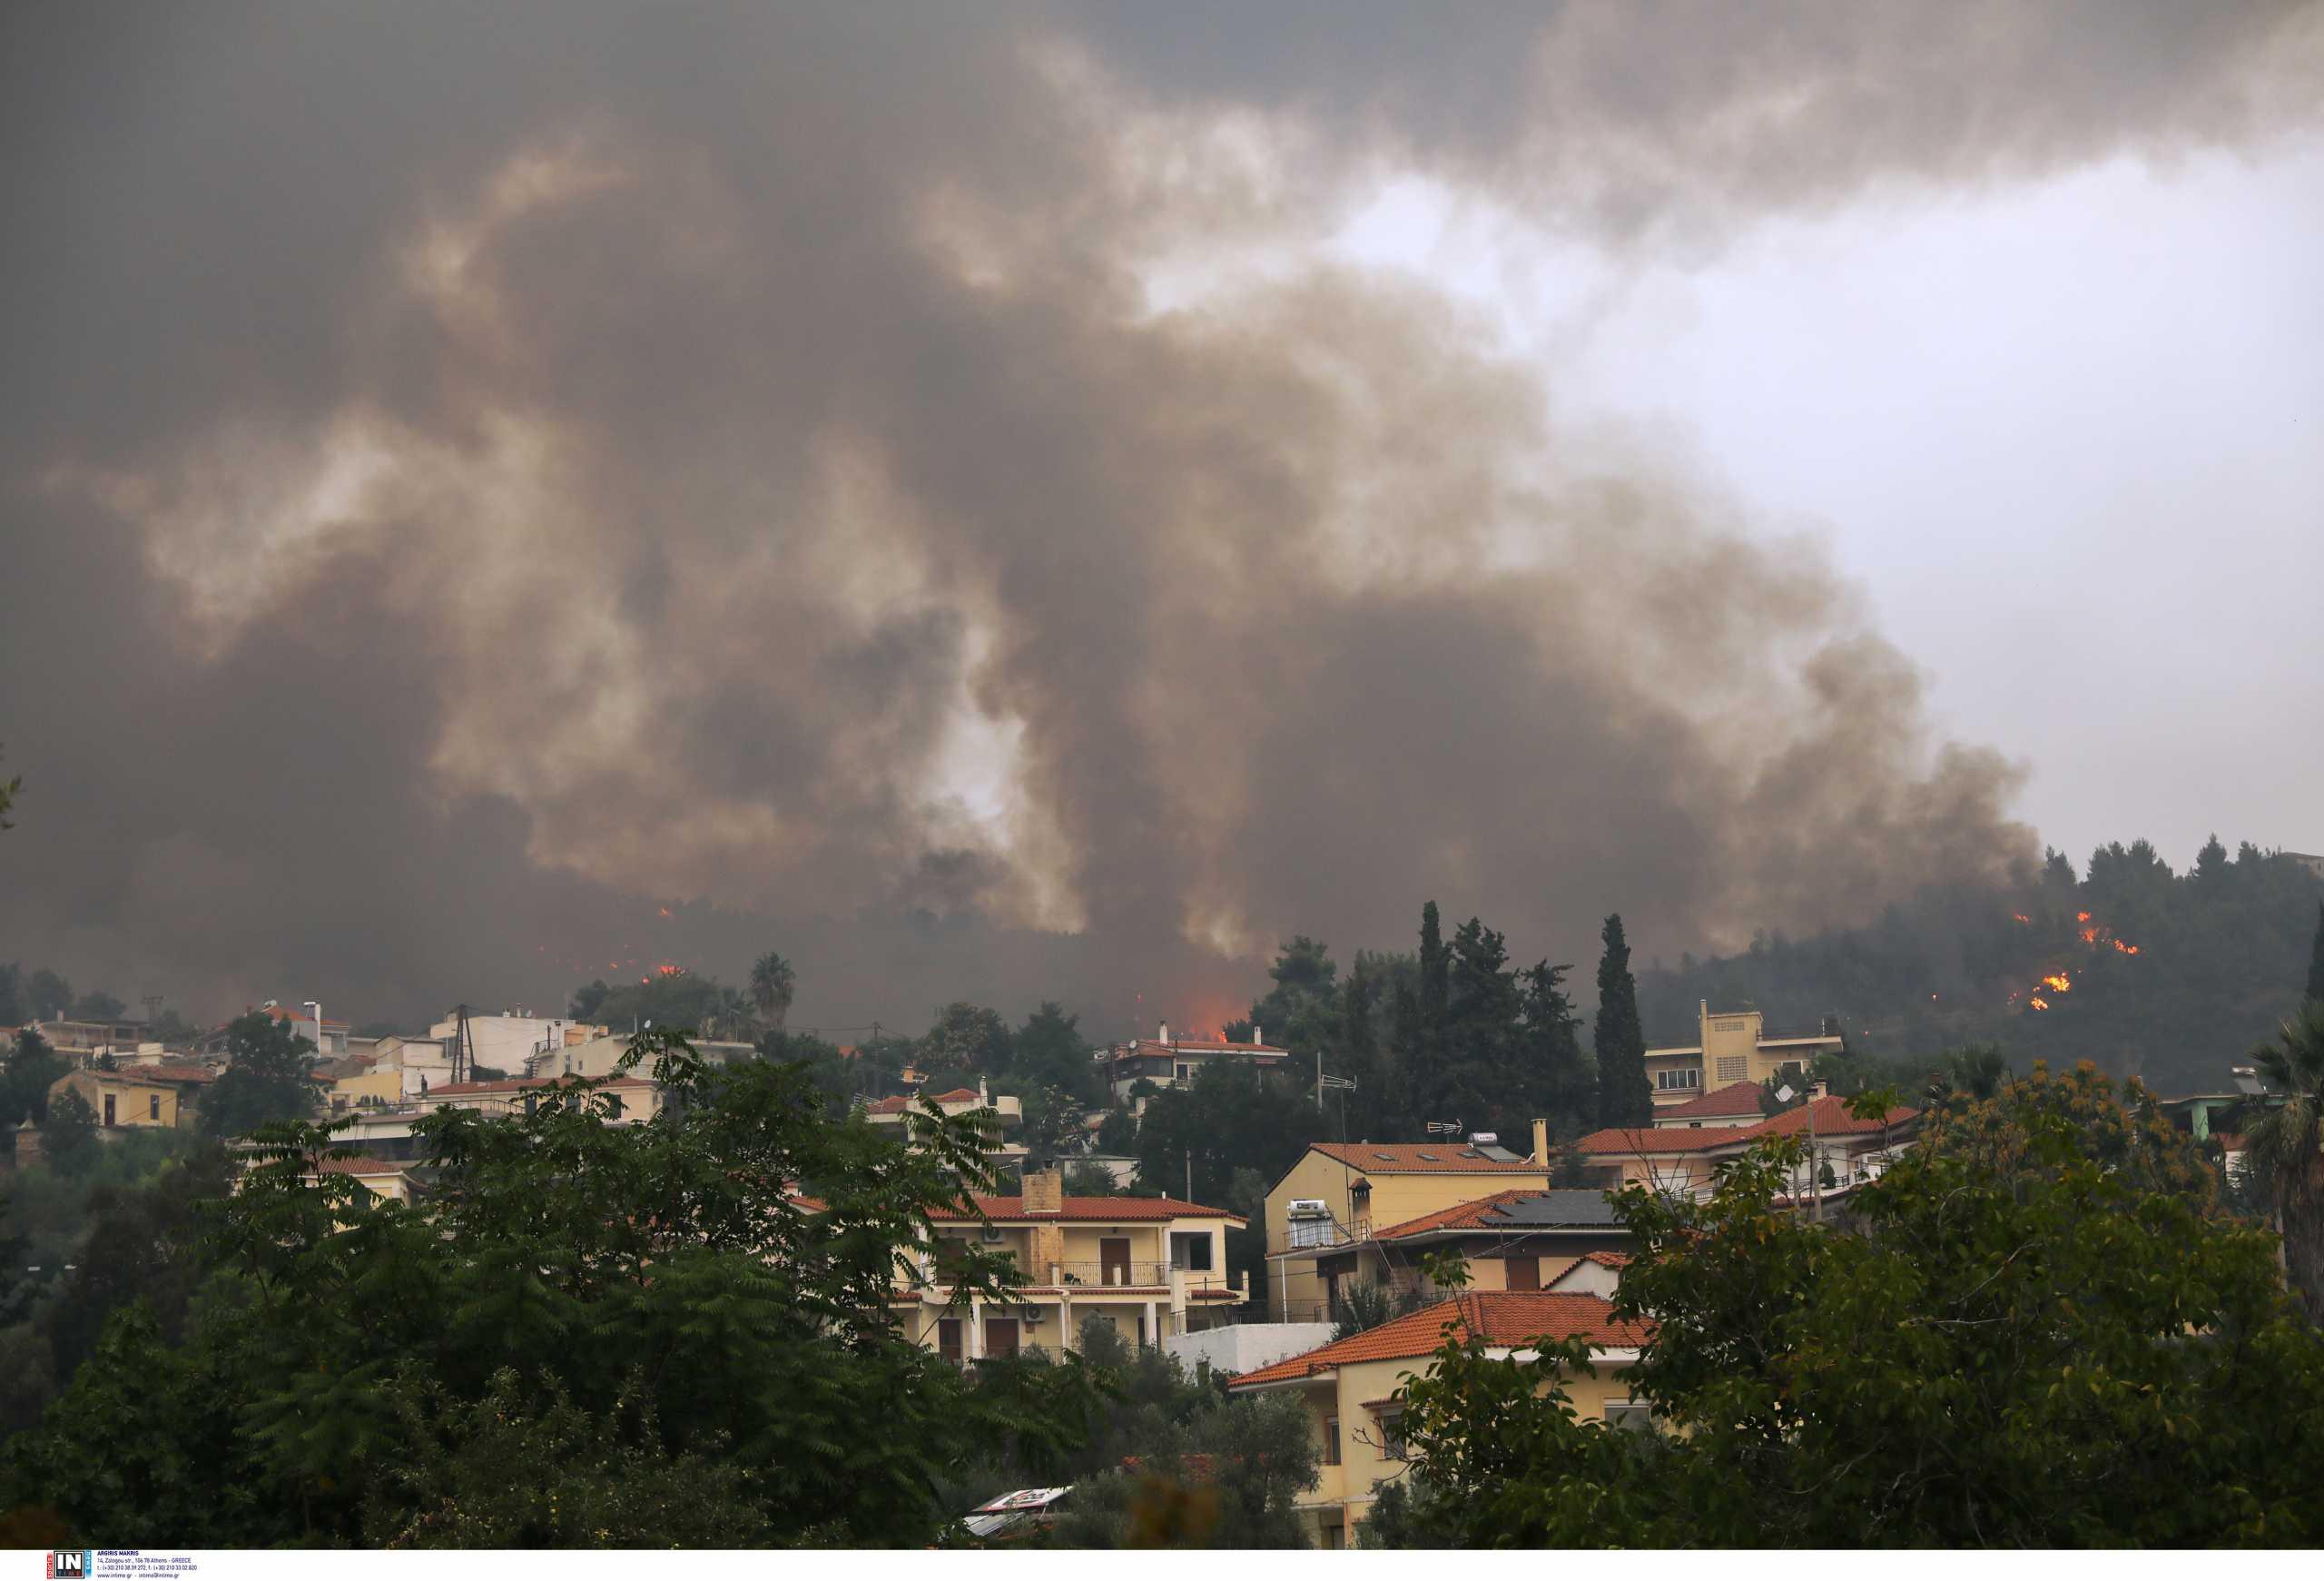 Φωτιές: Πού υπάρχει υψηλός κίνδυνος πυρκαγιάς σήμερα